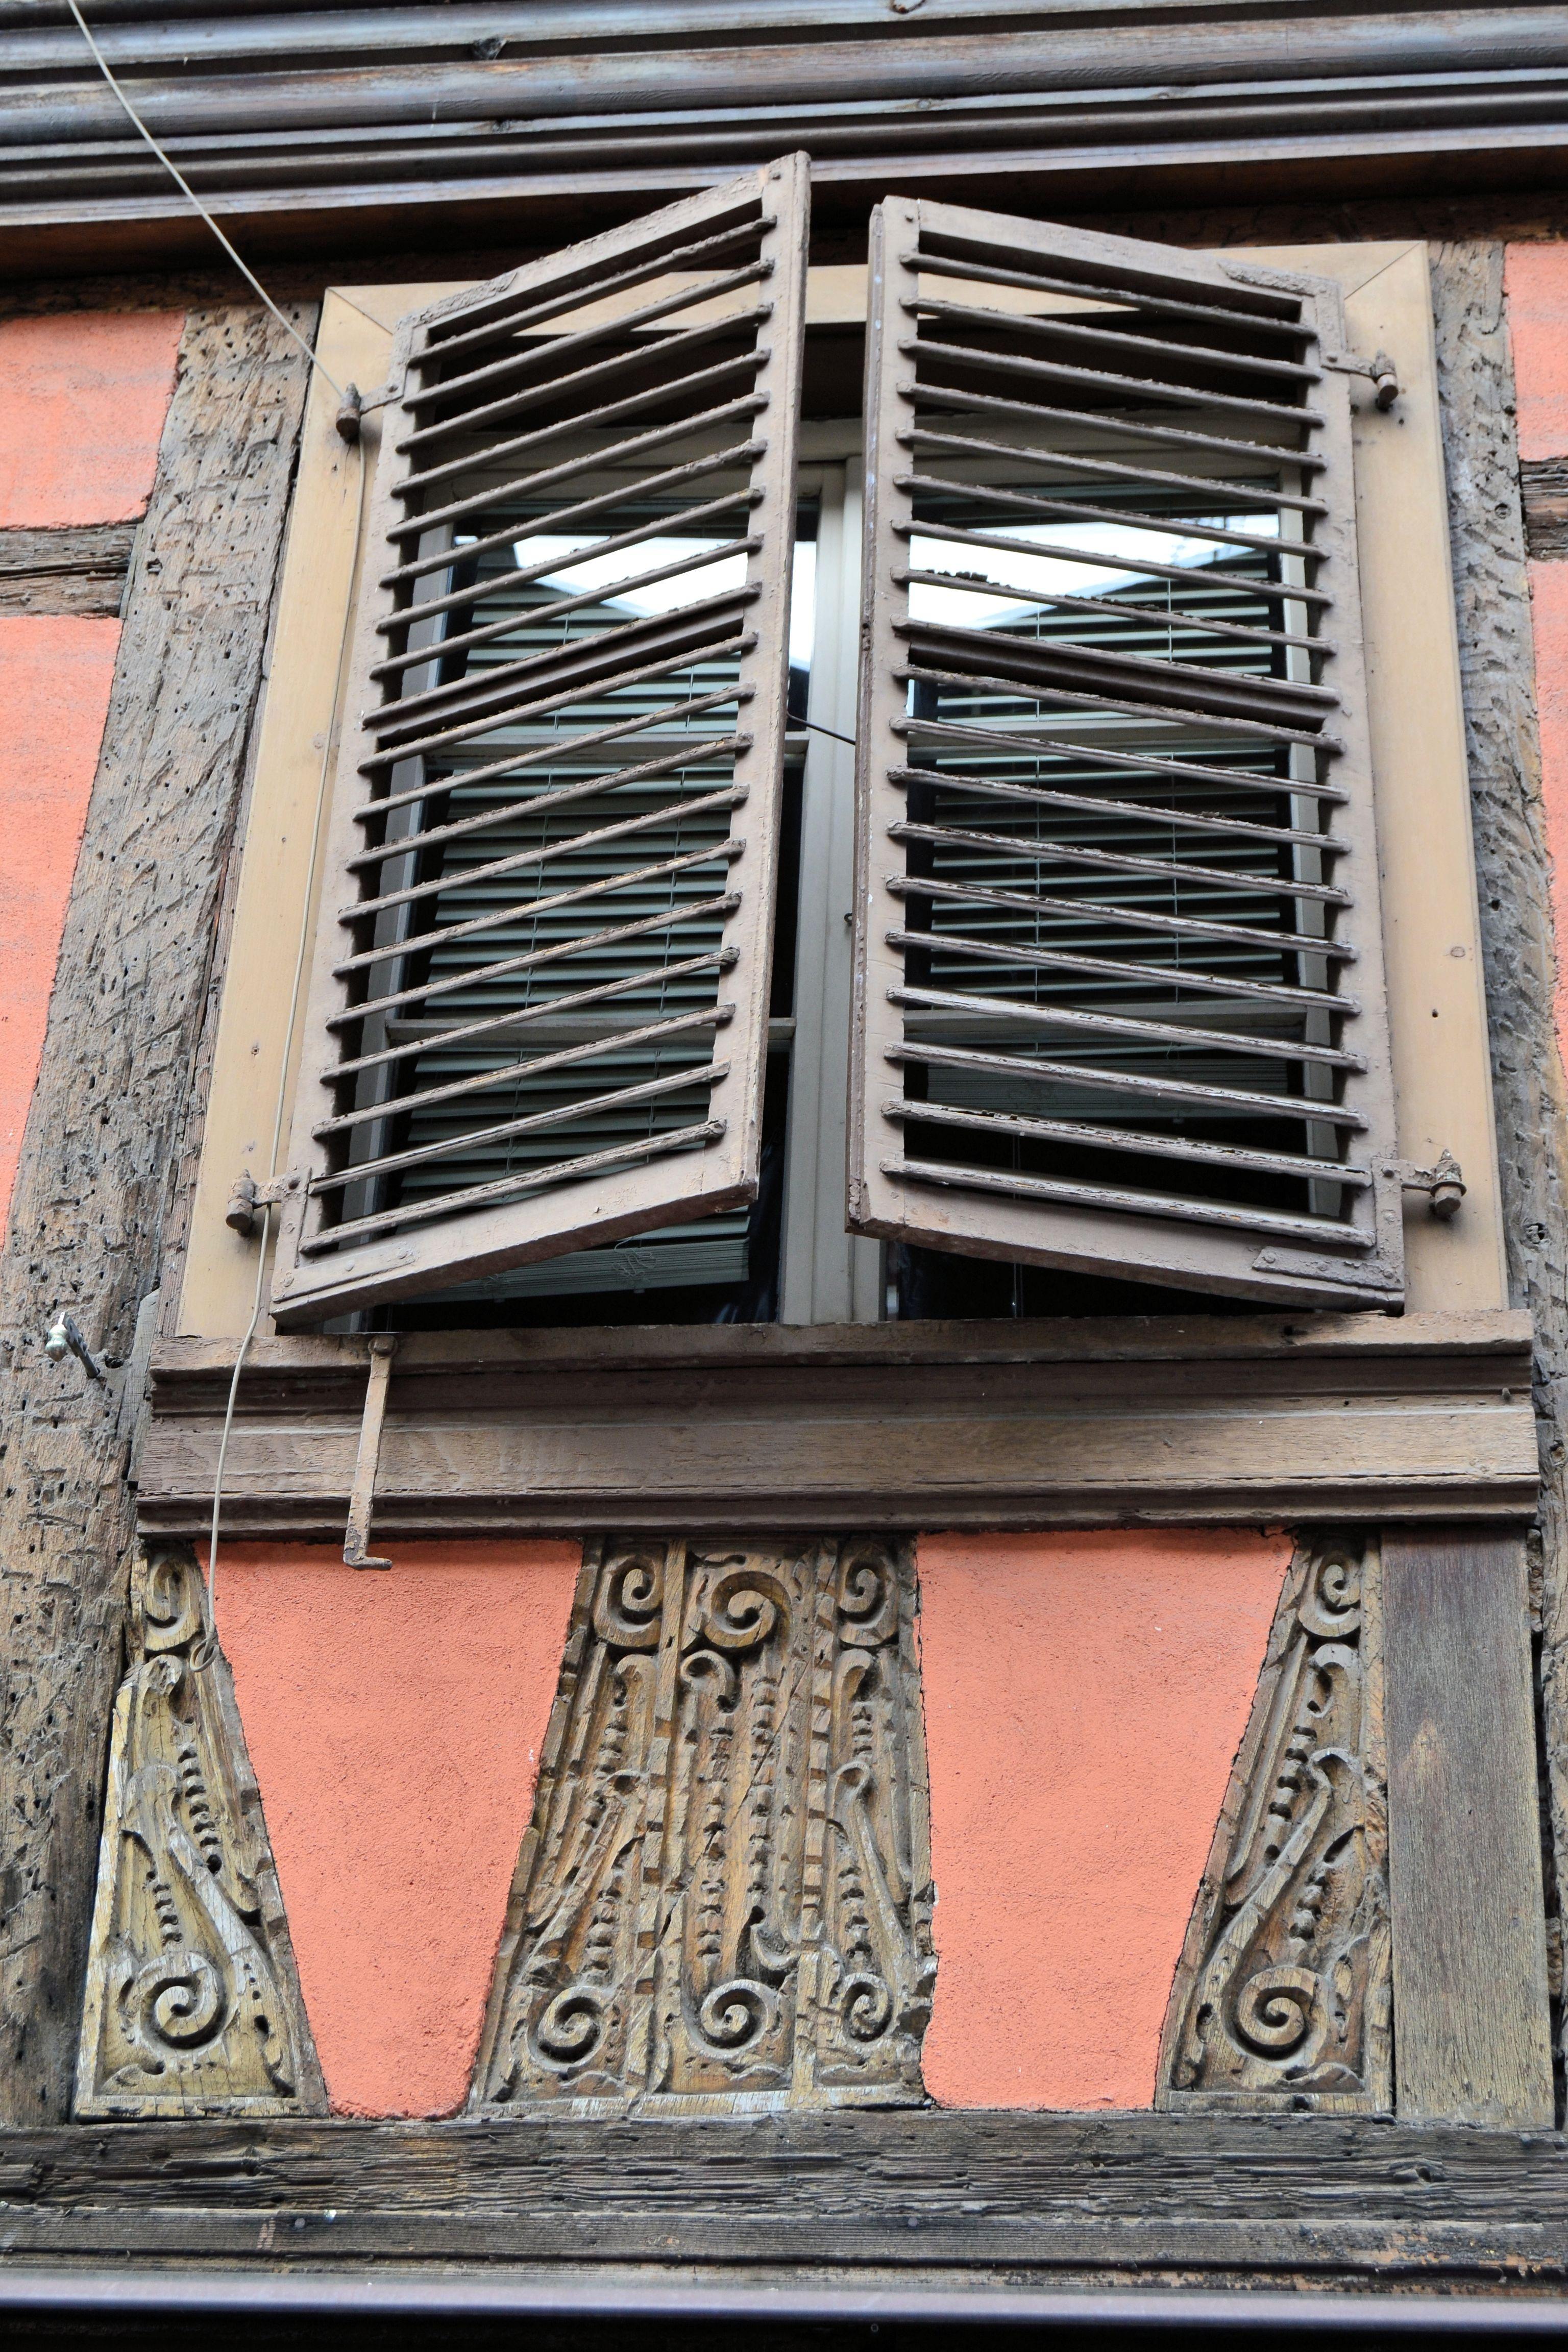 Gratis billeder : arkitektur, træ, vindue, hjem, væg, altan ...